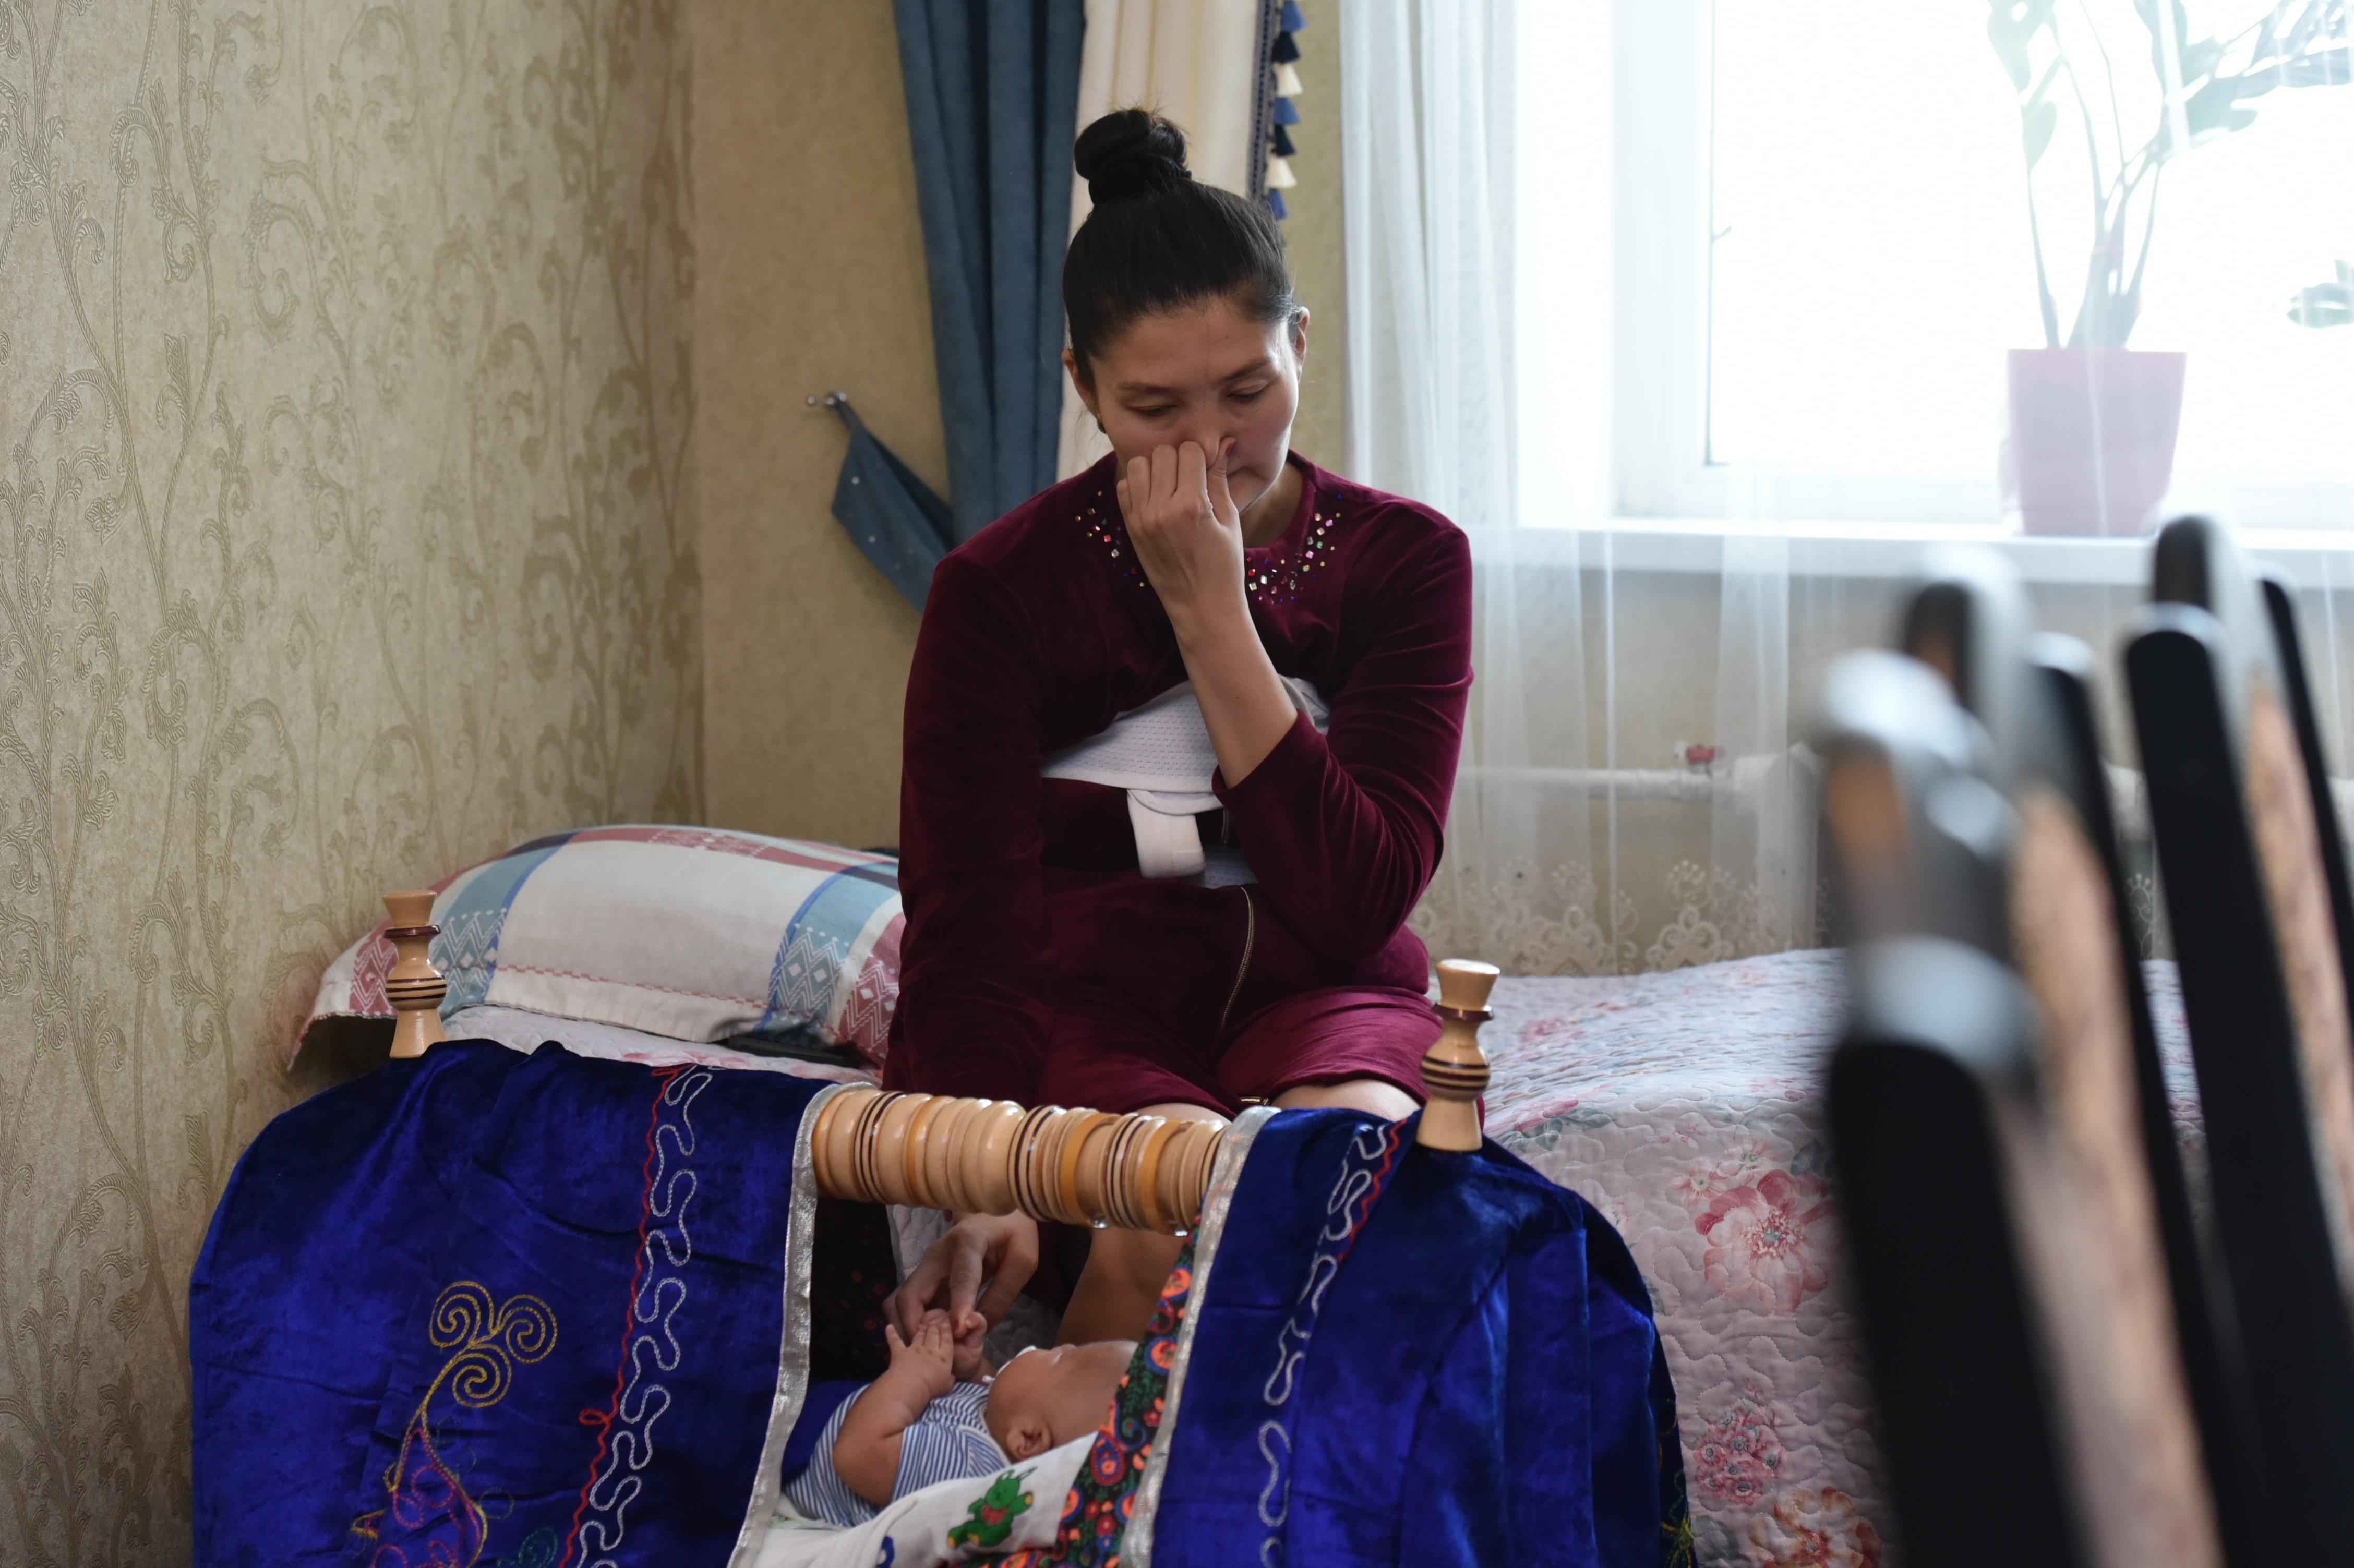 Покачивая бесик (колыбель), она произносит, что хочет поскорее выздороветь и вернуться домой к мужу и детям